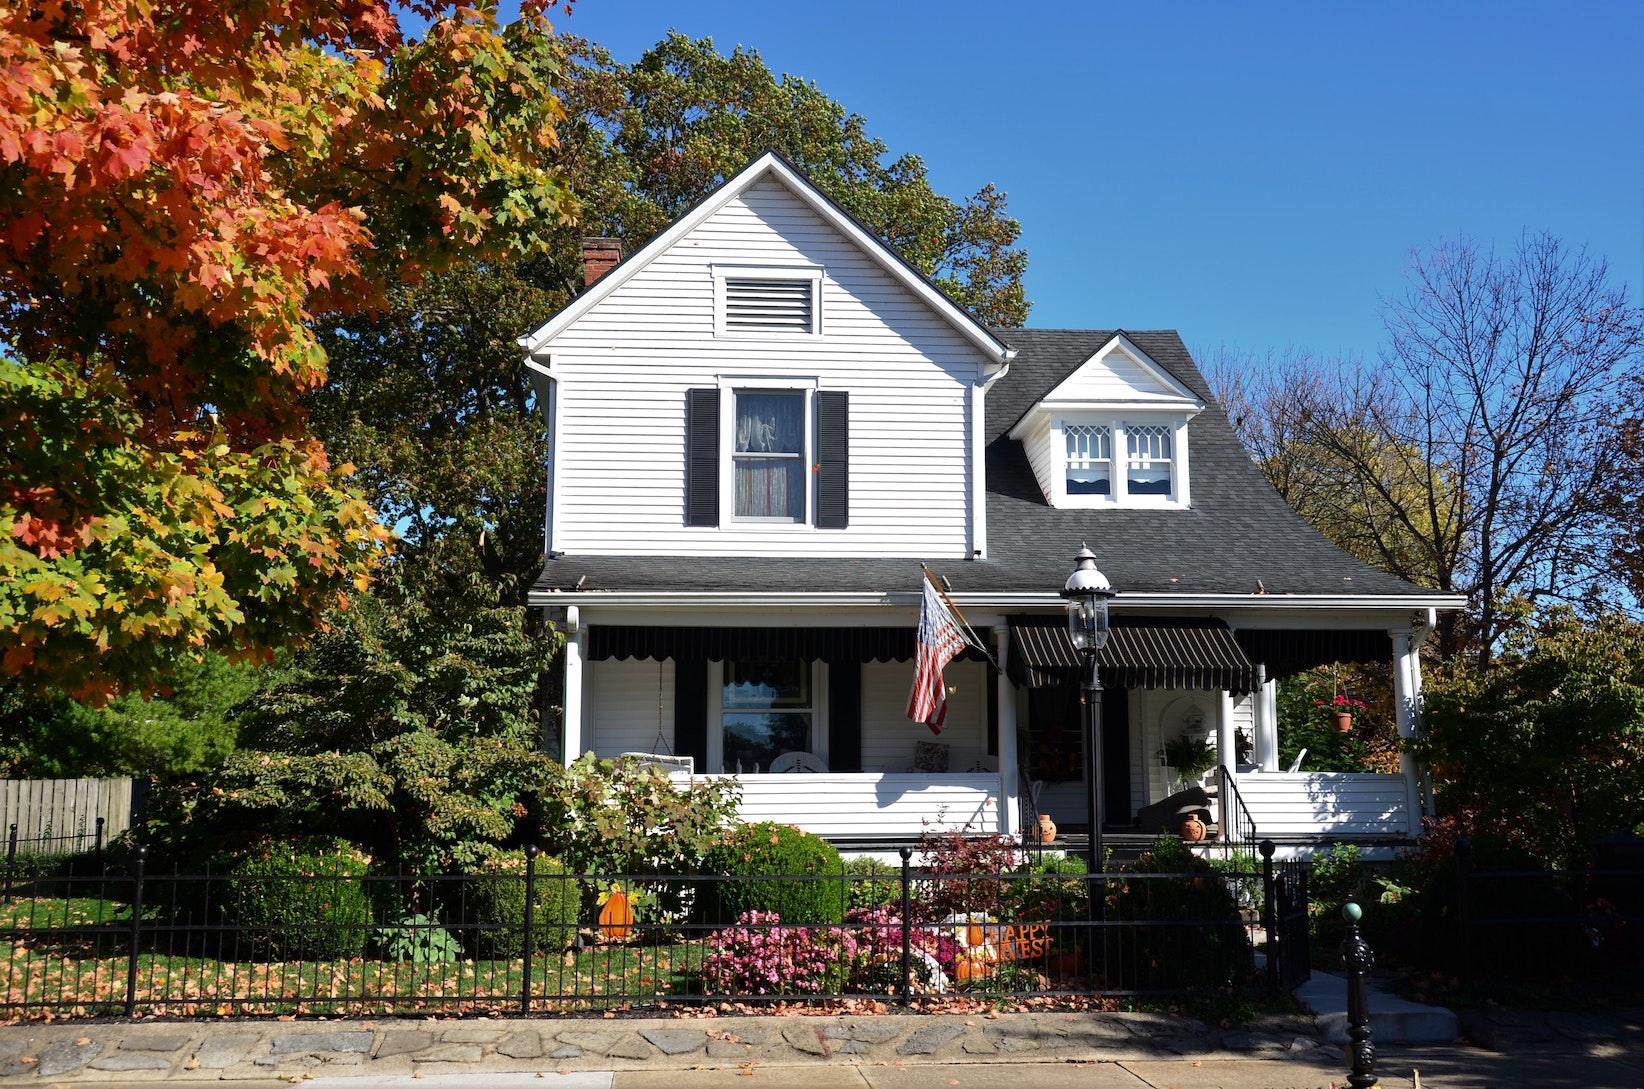 house in suburbs